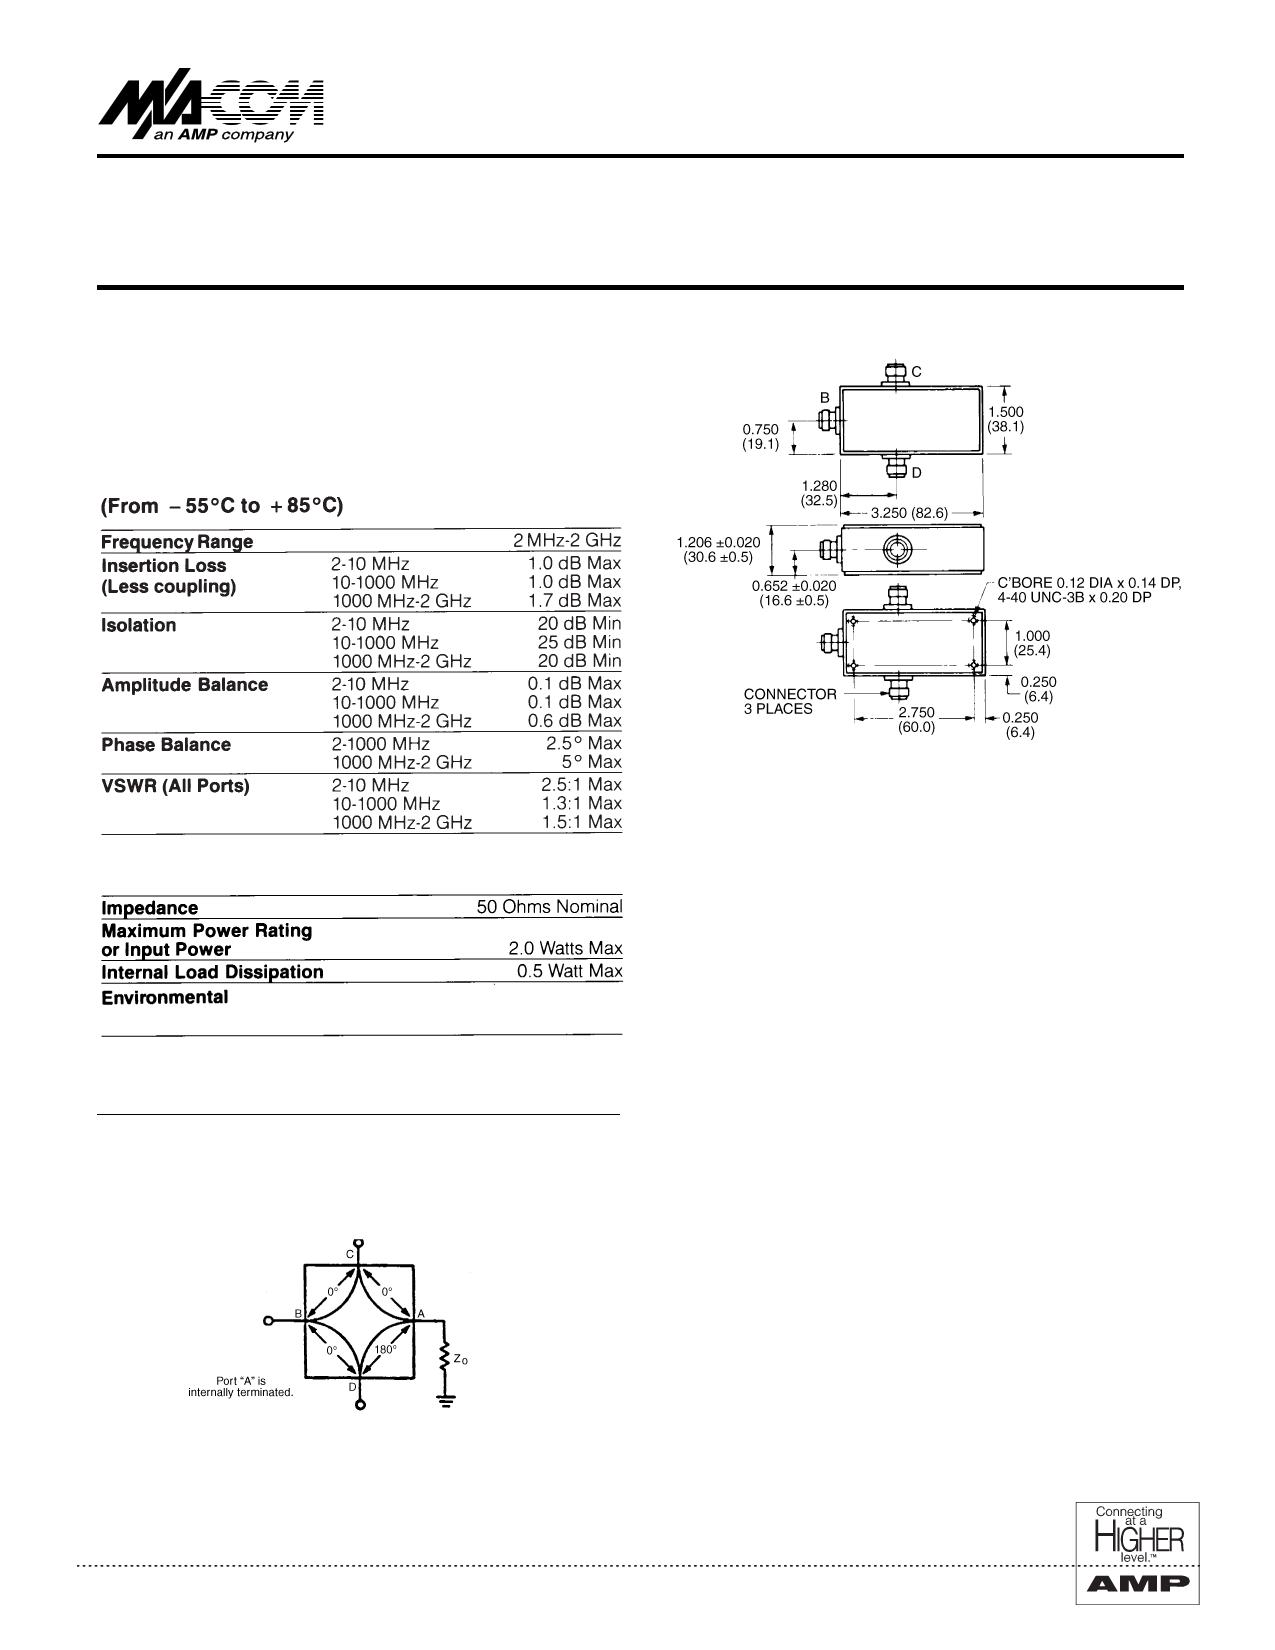 H-8-4TNC Hoja de datos, Descripción, Manual